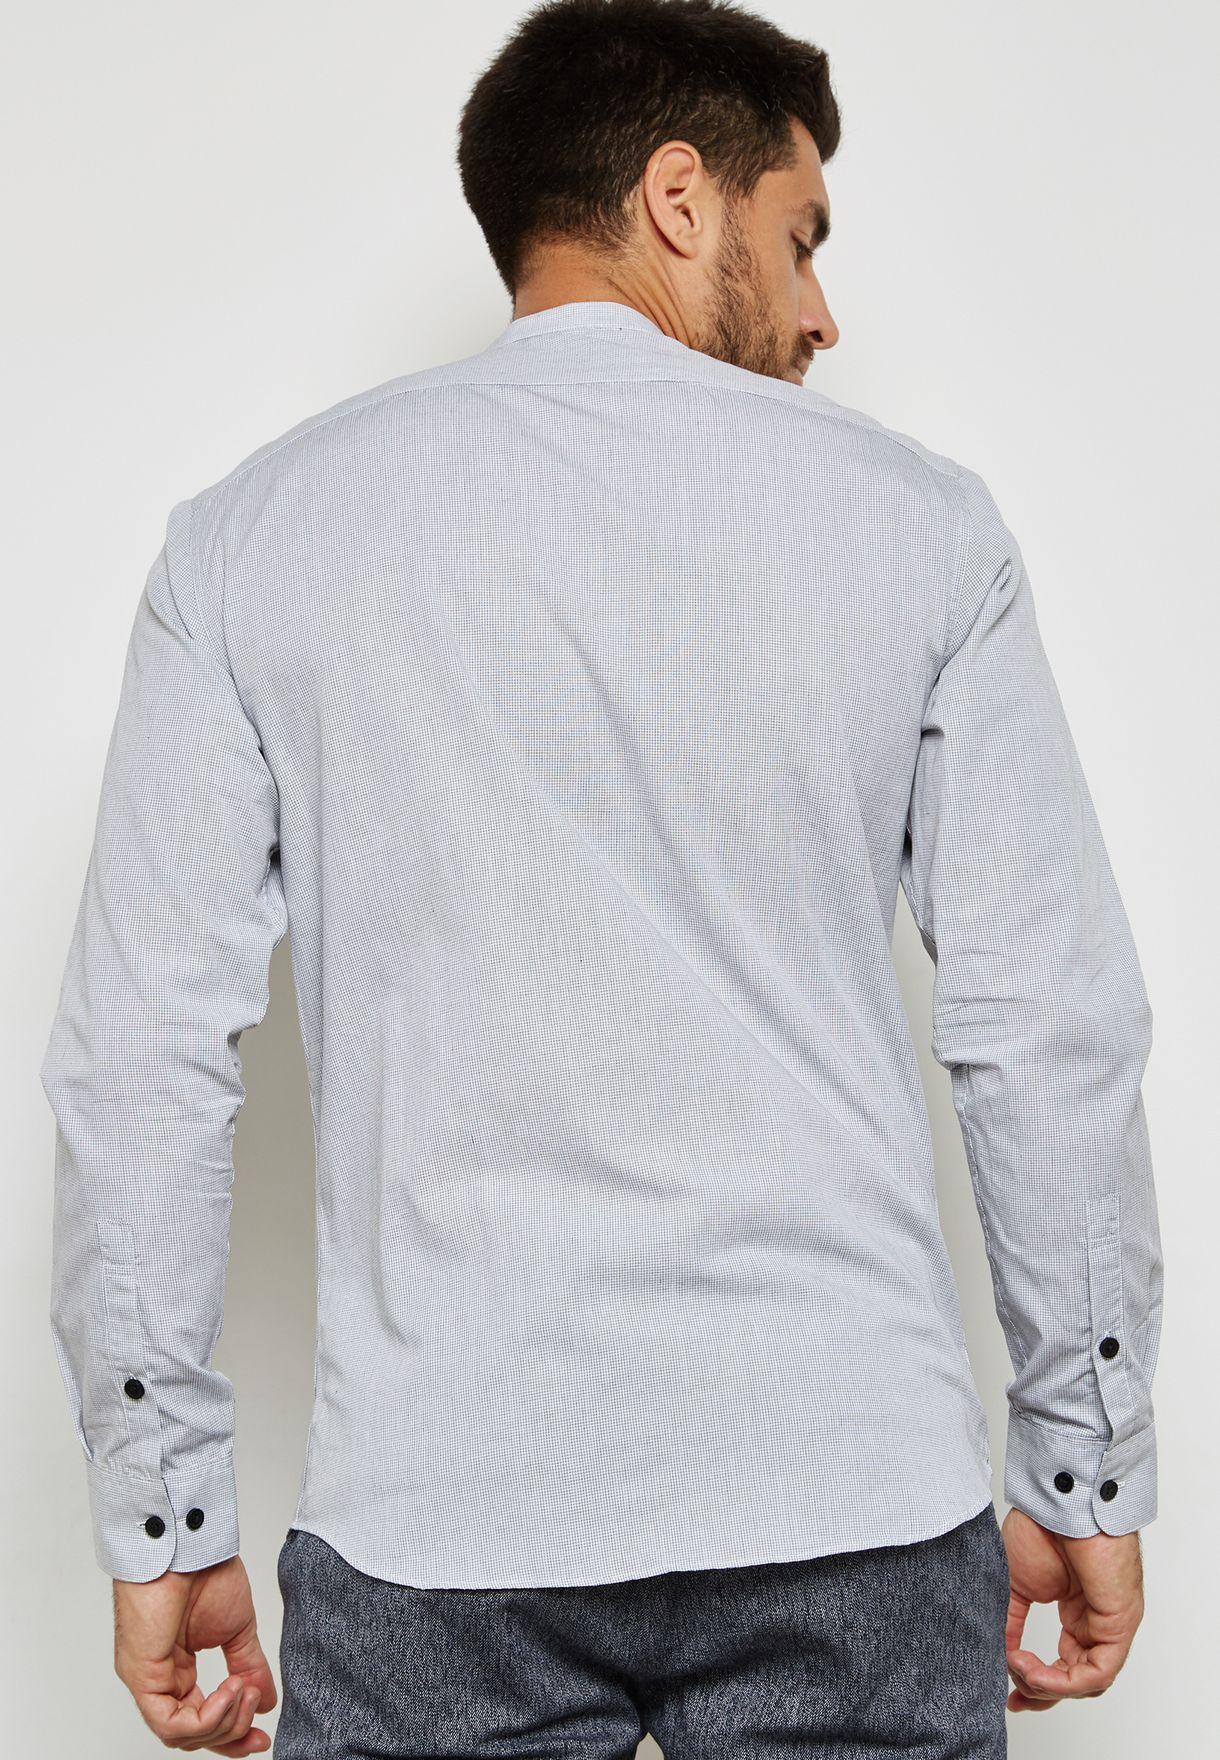 One Chris China Shirt